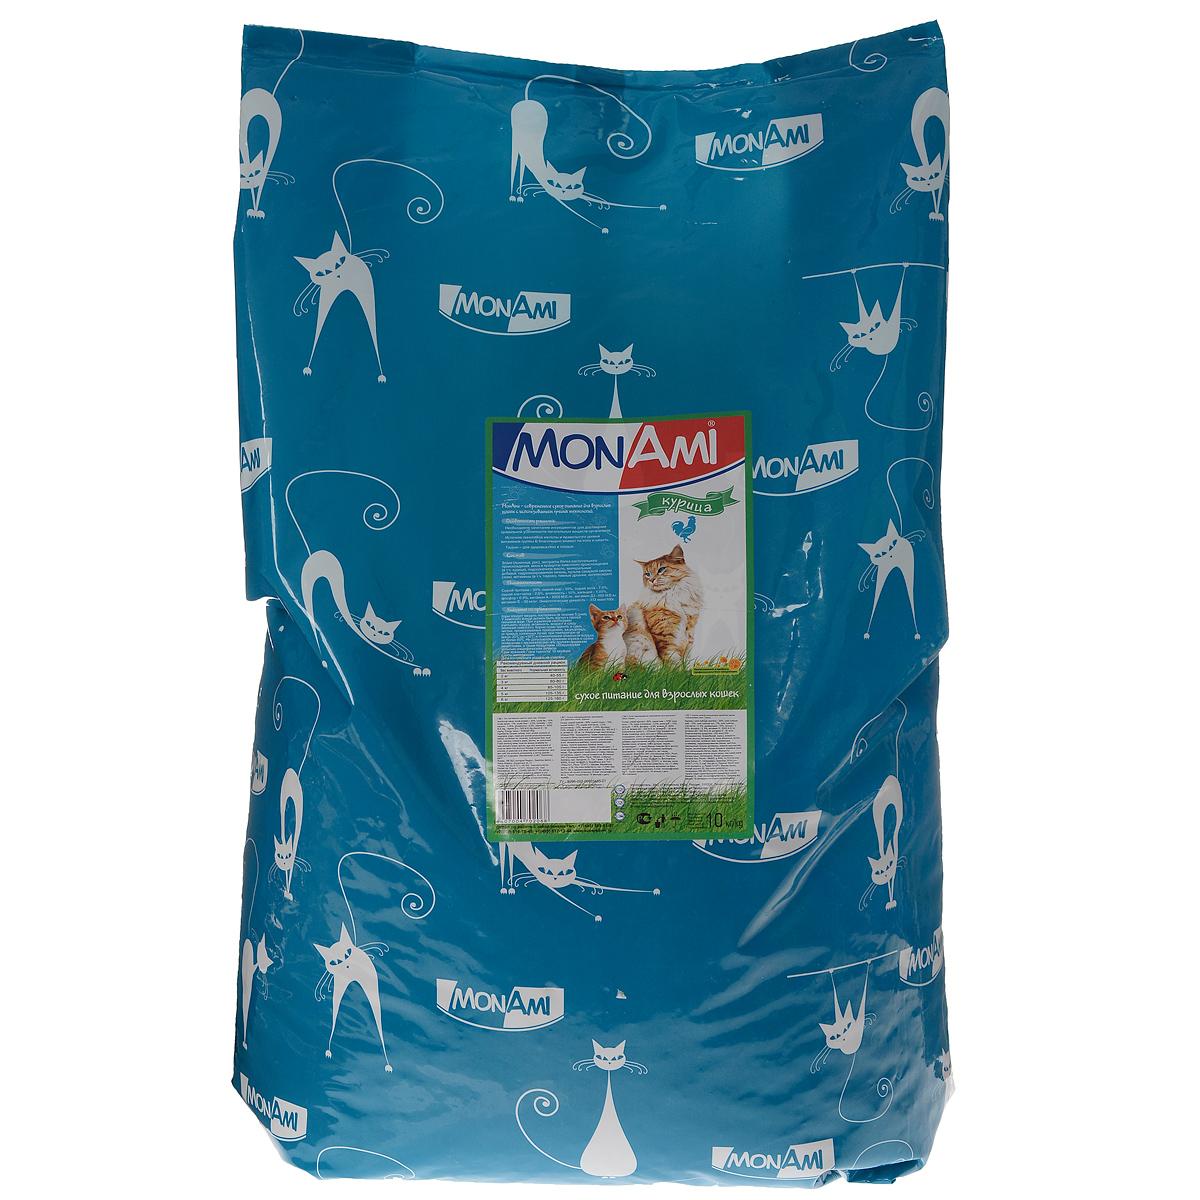 Корм сухой Mon Ami для взрослых кошек, с курицей, 10 кг14195Корм Mon Ami - это современное сухое питание для взрослых кошек с использованием лучших технологий. Особенности рациона: - необходимое сочетание ингредиентов для достижения правильной усвояемости питательных веществ организмом; - источник линолевой кислоты и правильного уровня витаминов группы B благотворно влияют на кожу и шерсть; - таурин - для здоровья глаз и сердца. Состав: злаки (пшеница, рис), экстракты белка растительного происхождения, мясо и мясопродукты животного происхождения (в том числе курица), подсолнечное масло, минеральные добавки, гидролизированная печень, пульпа сахарной свеклы (жом), витамины (в том числе таурин), пивные дрожжи, антиоксидант. Питательность: сырой протеин 30%, сырой жир 10%, сырая зола 7%, сырая клетчатка 2,5%, влажность 10%, кальций 1,05%, фосфор 0,9%, витамин A: 5000 ME/кг, витамин Д3: 500 МЕ/кг, витамин Е: 30 мг/кг. Энергетическая ценность: 333 ккал/100 г. Товар сертифицирован.